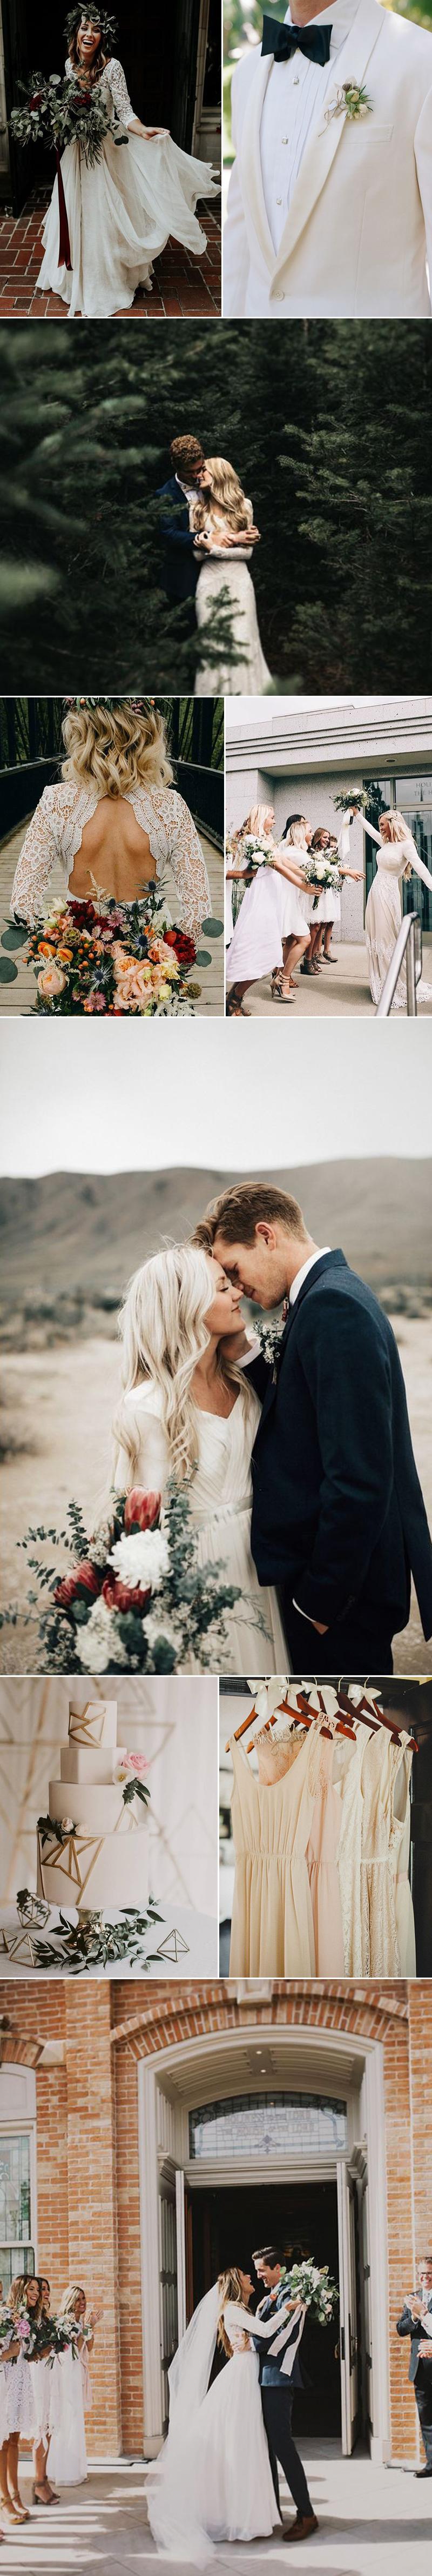 Chic Wedding in Antique Whites